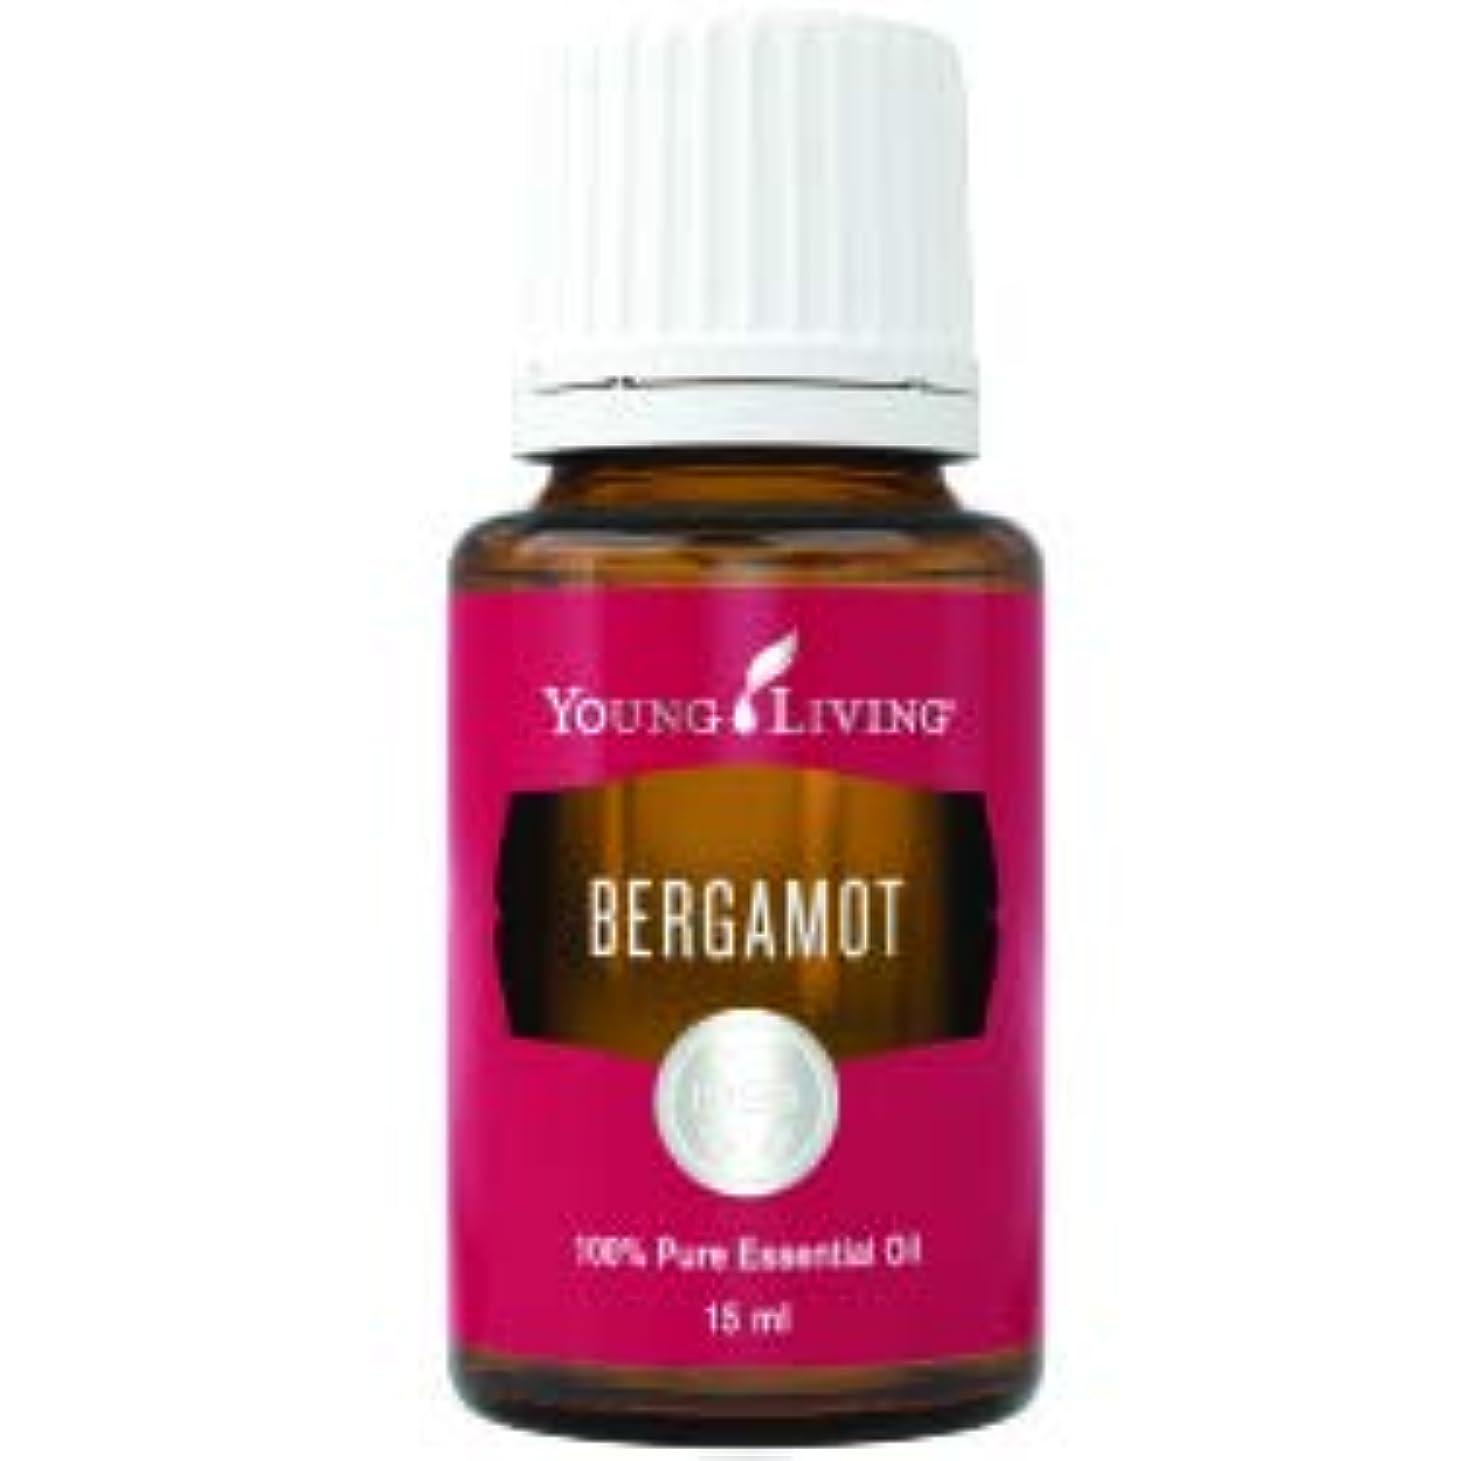 じゃない保険反対するヤングリビングマレーシアのベルガモットエッセンシャルオイル15 ml Bergamot Essential Oil 15 ml by Young Living Malaysia